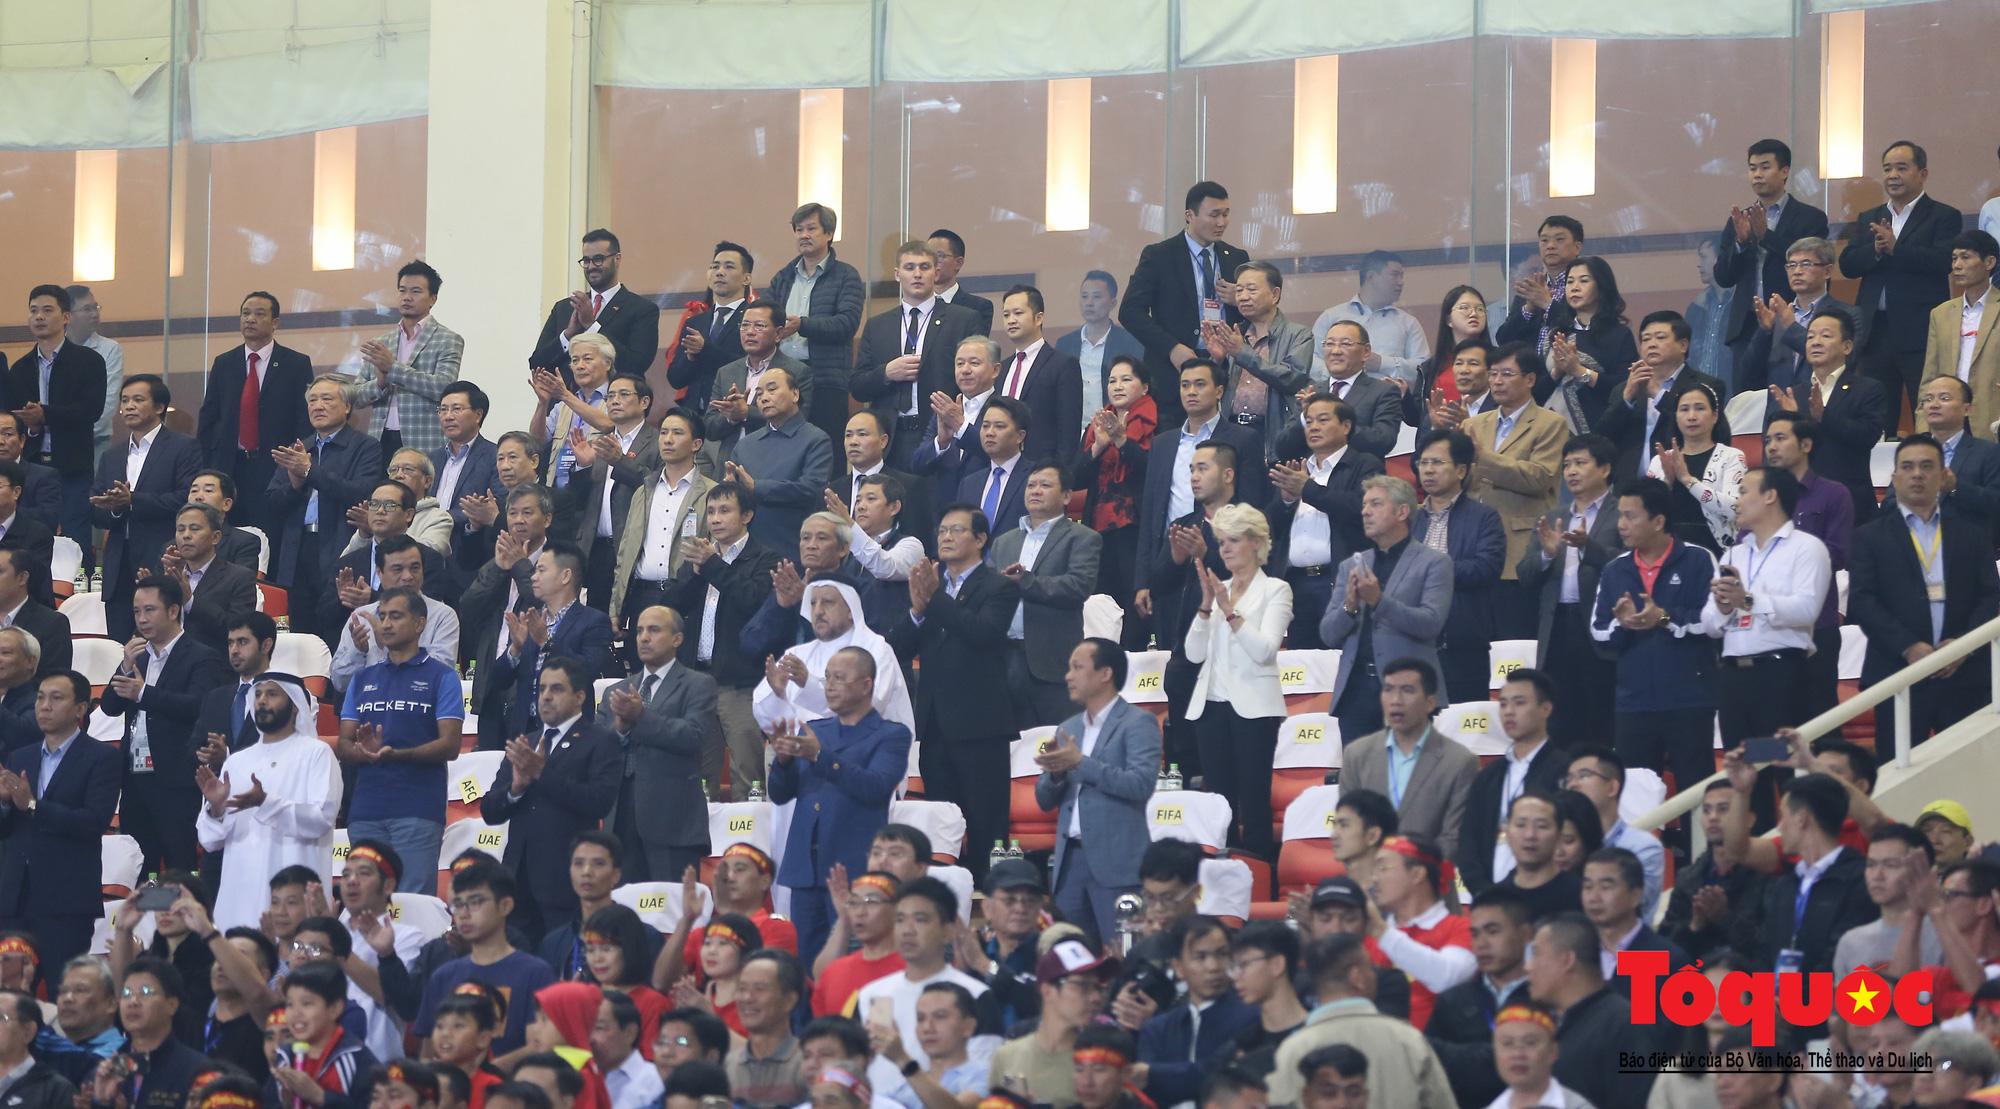 Đánh bại UAE, tuyển Việt Nam khẳng định vị thế số 1 bảng G - Ảnh 1.